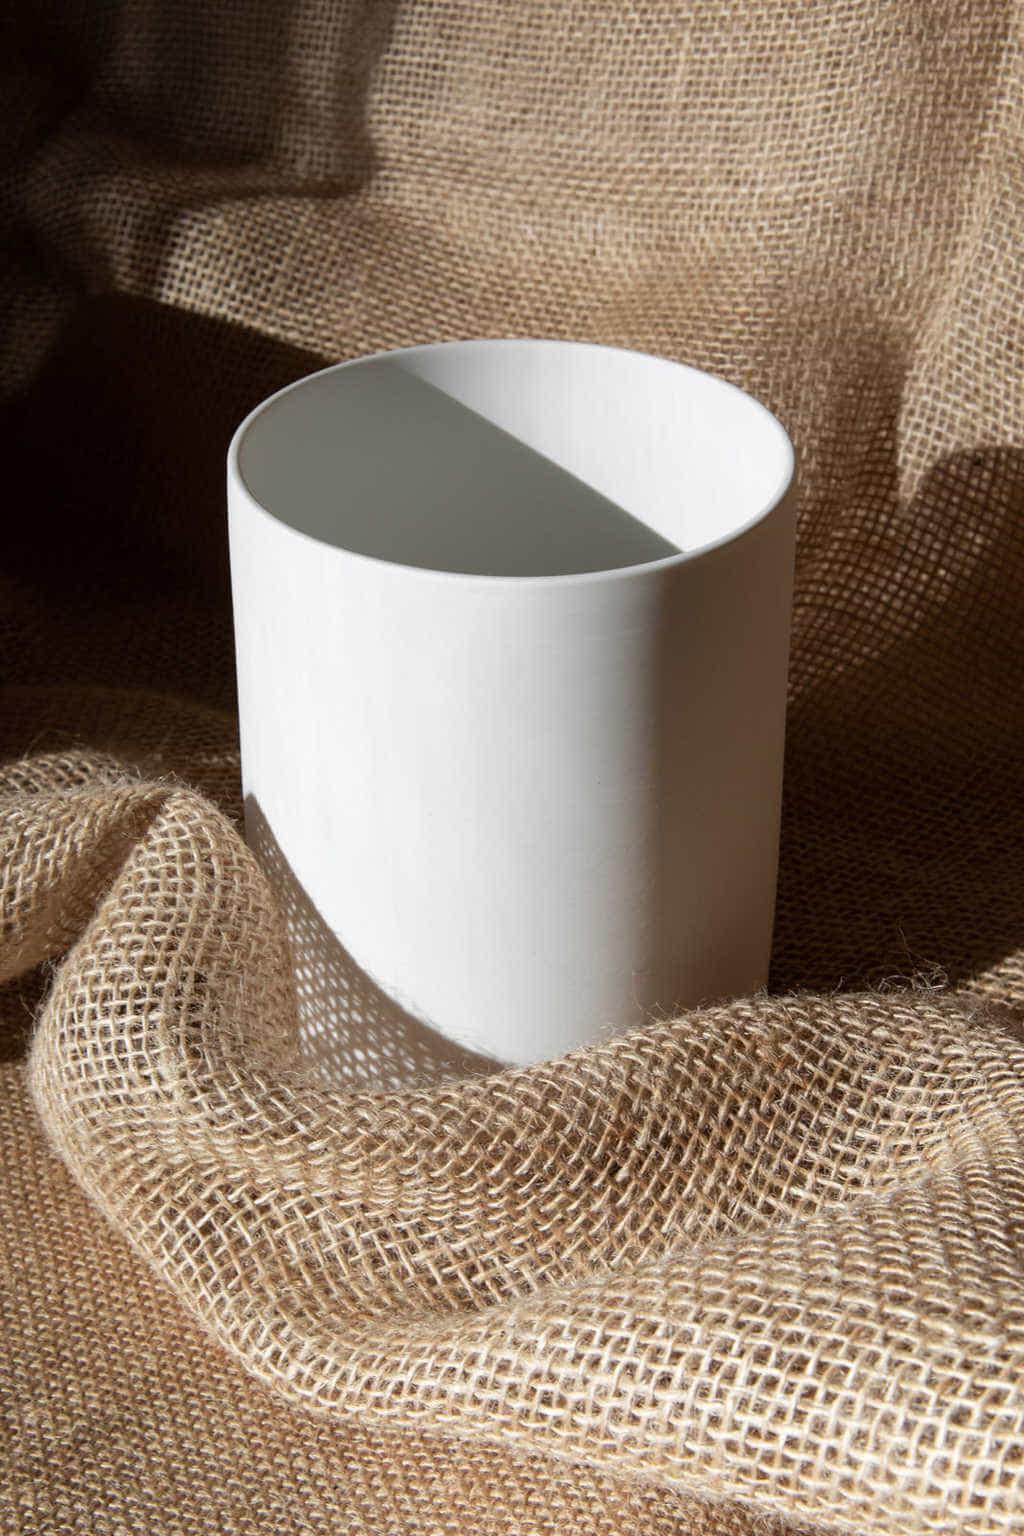 Slim Ceramic Planter 2946 White 2